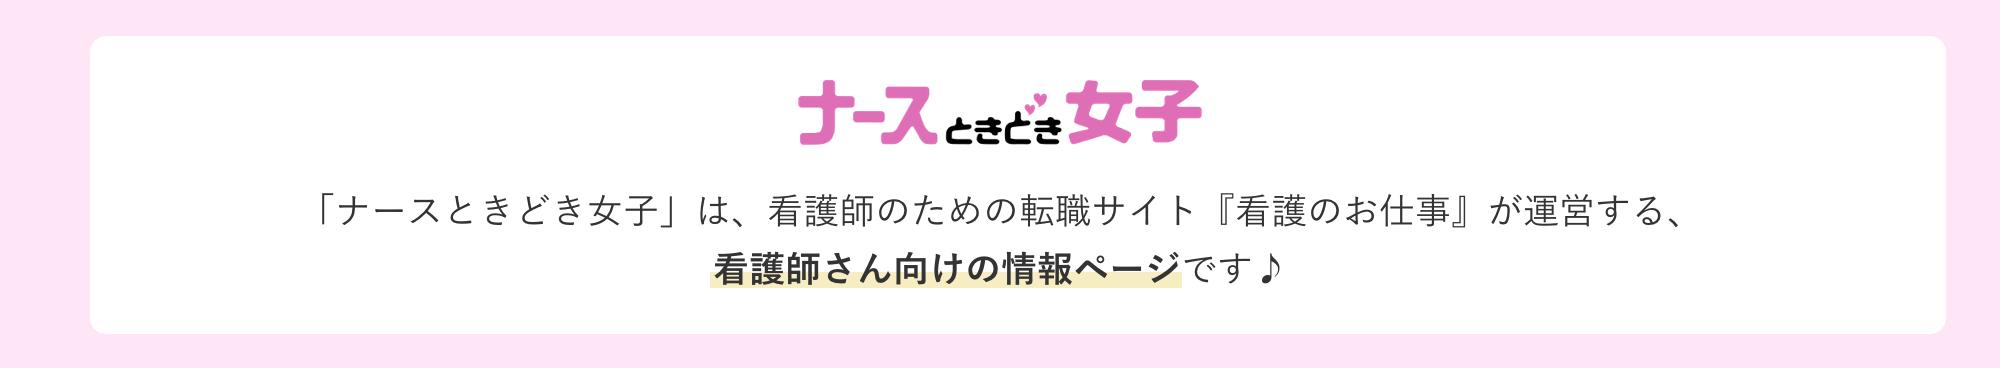 """看護のお仕事""""ナースときどき女子""""のサイトにORIKA NOTE(オリカノート)が紹介されました!"""